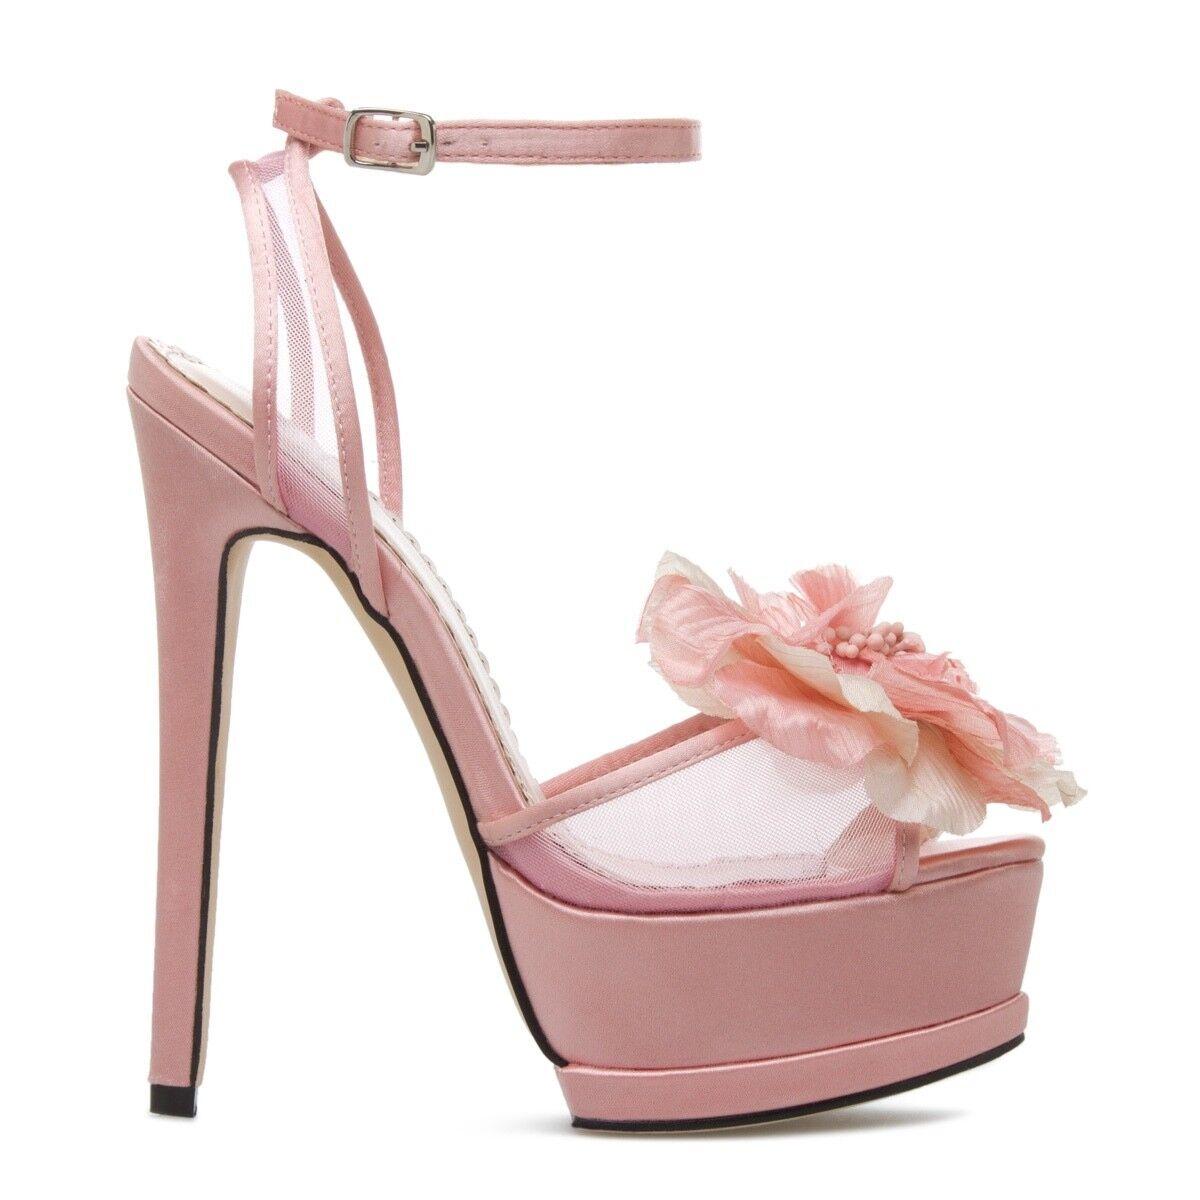 NEW Satin Platform Sandale Heel by Madison w/ Floral Accent Größe 7.5 Pink